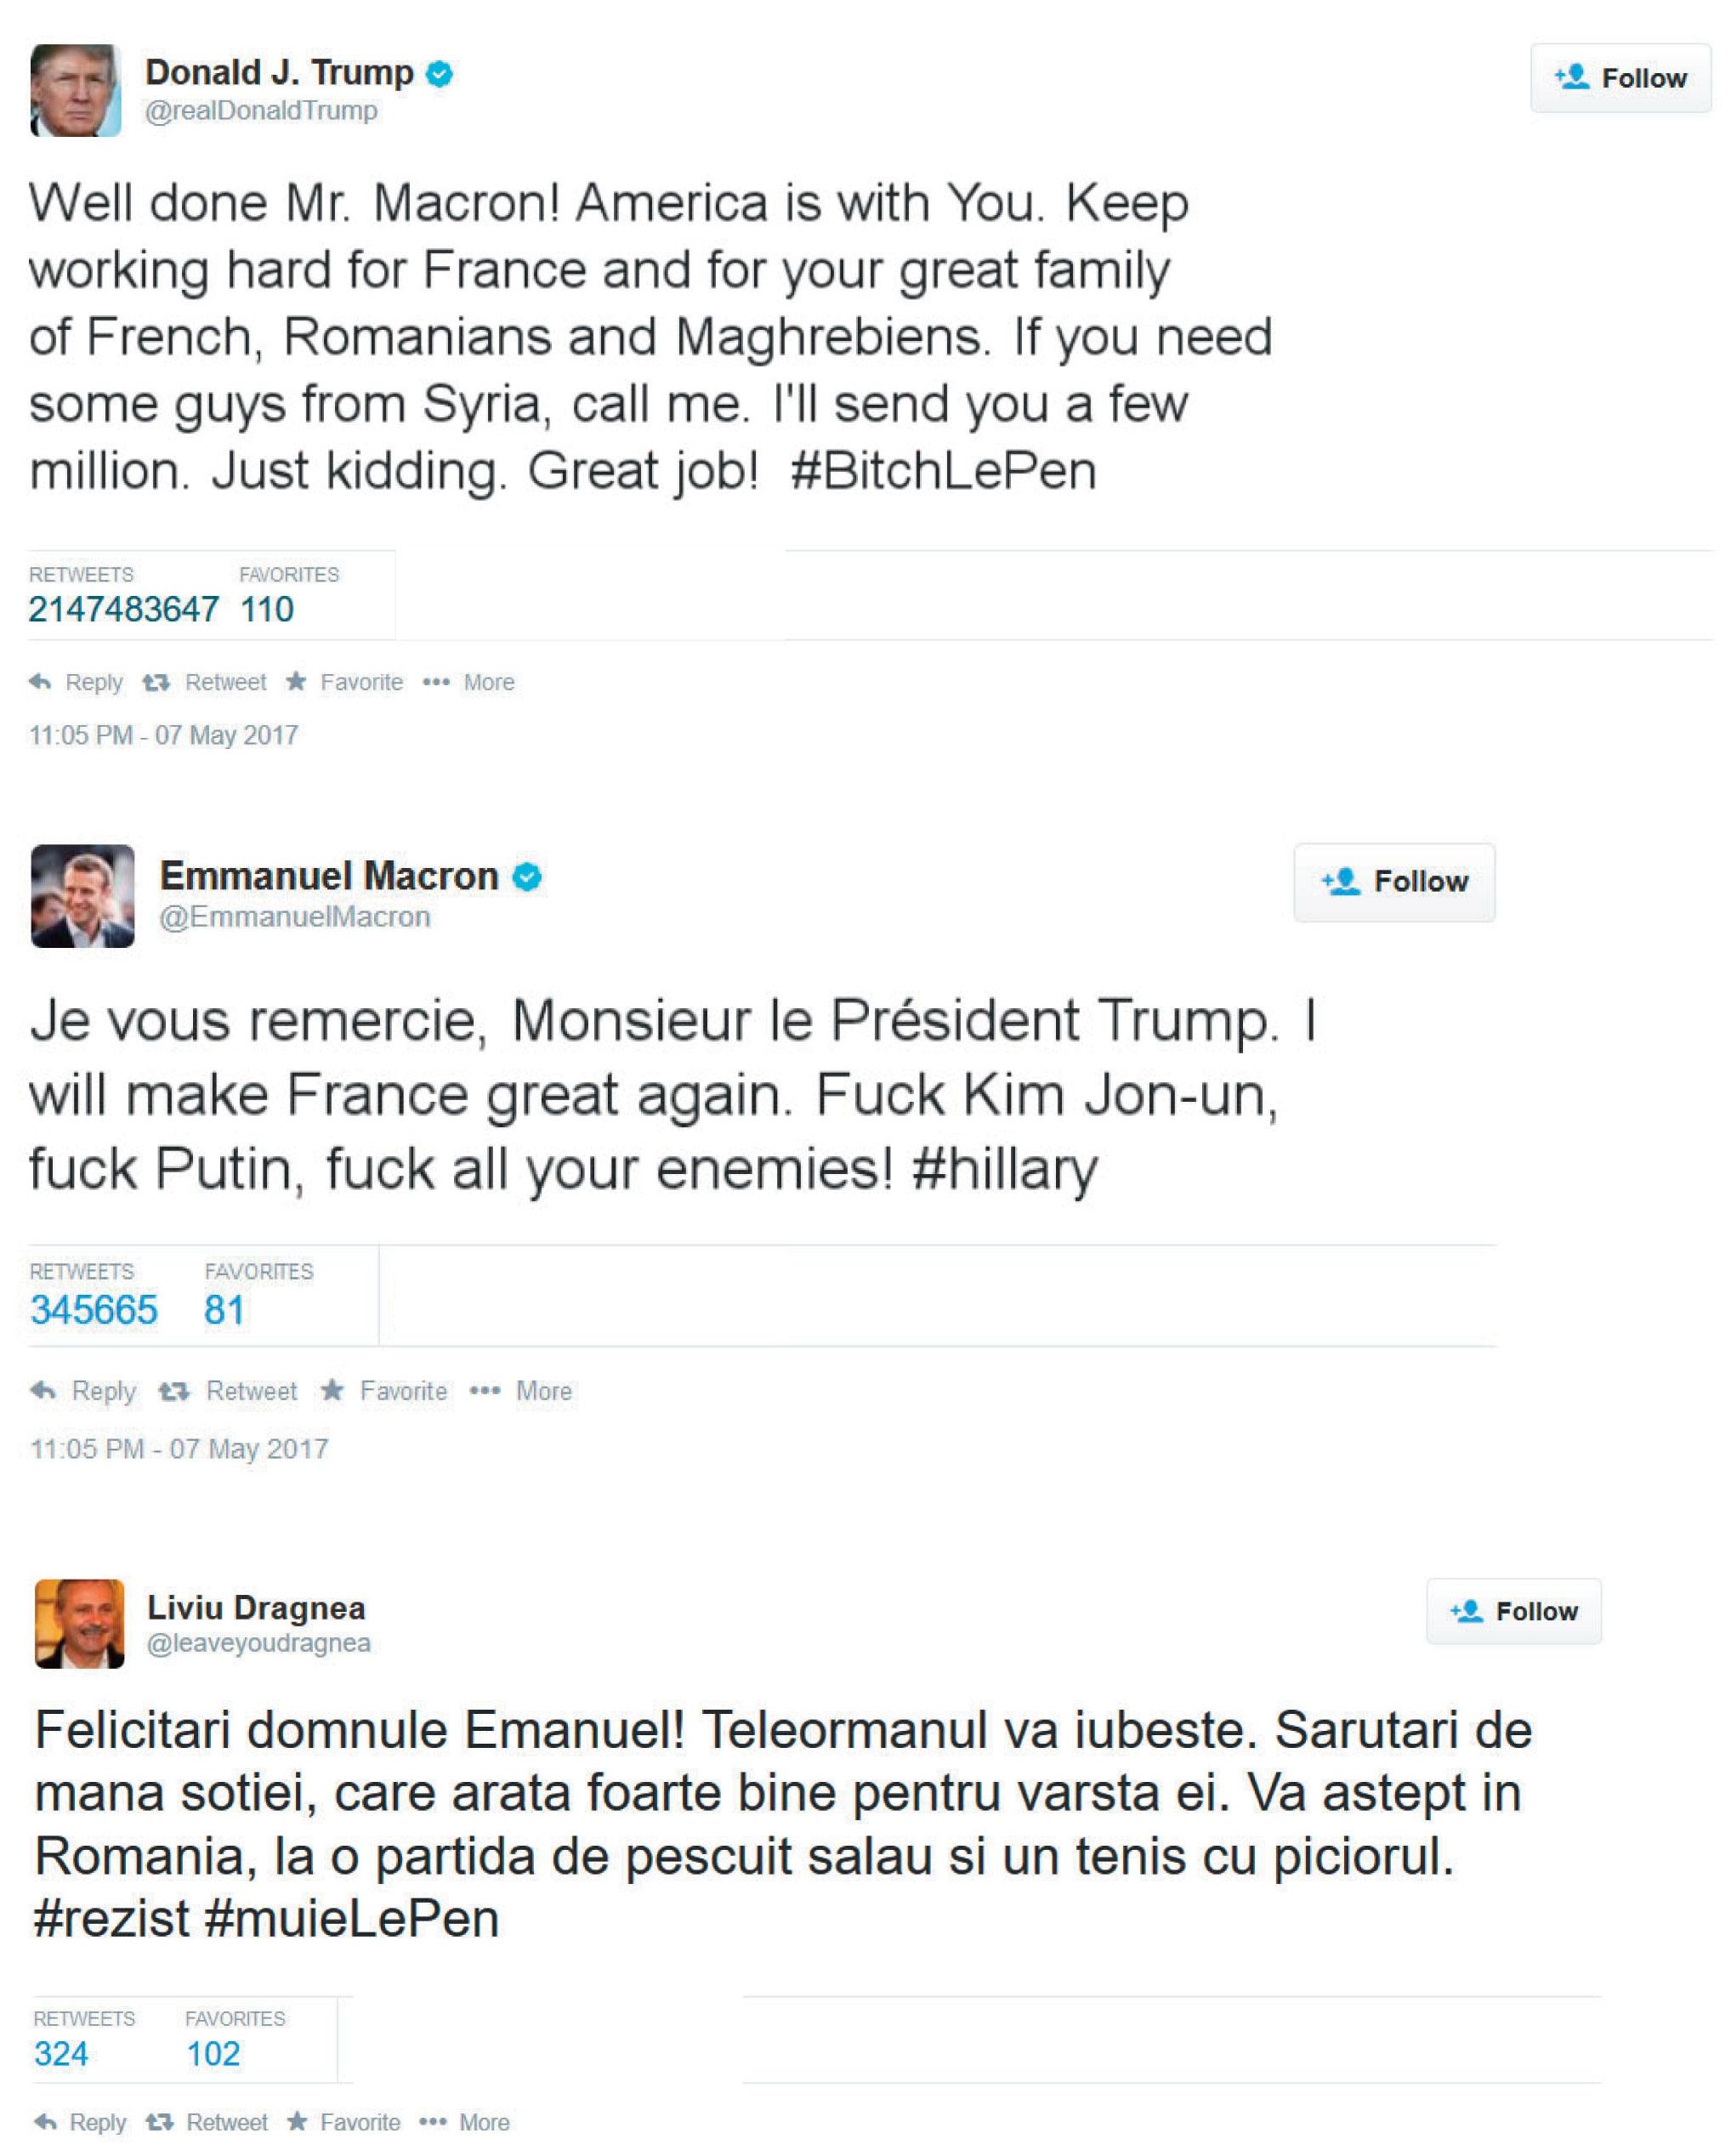 Twitter-ul a luat foc! Trump şi Dragnea l-au felicitat pe E. Macron